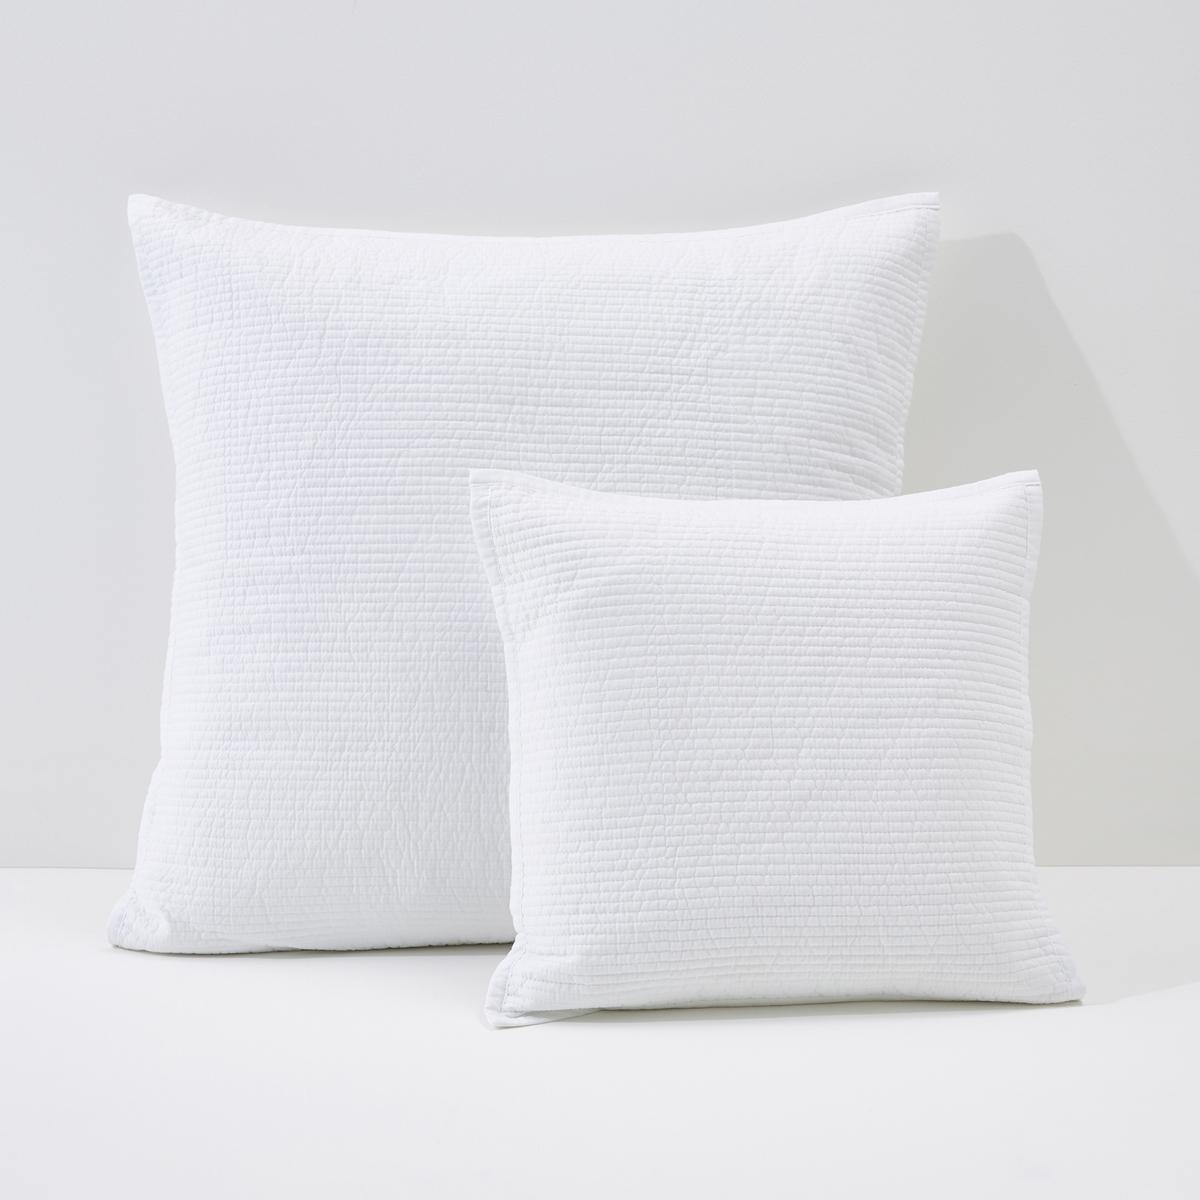 Наволочка на подушку-валик или наволочка BETTA наволочка на подушку валик fougeras